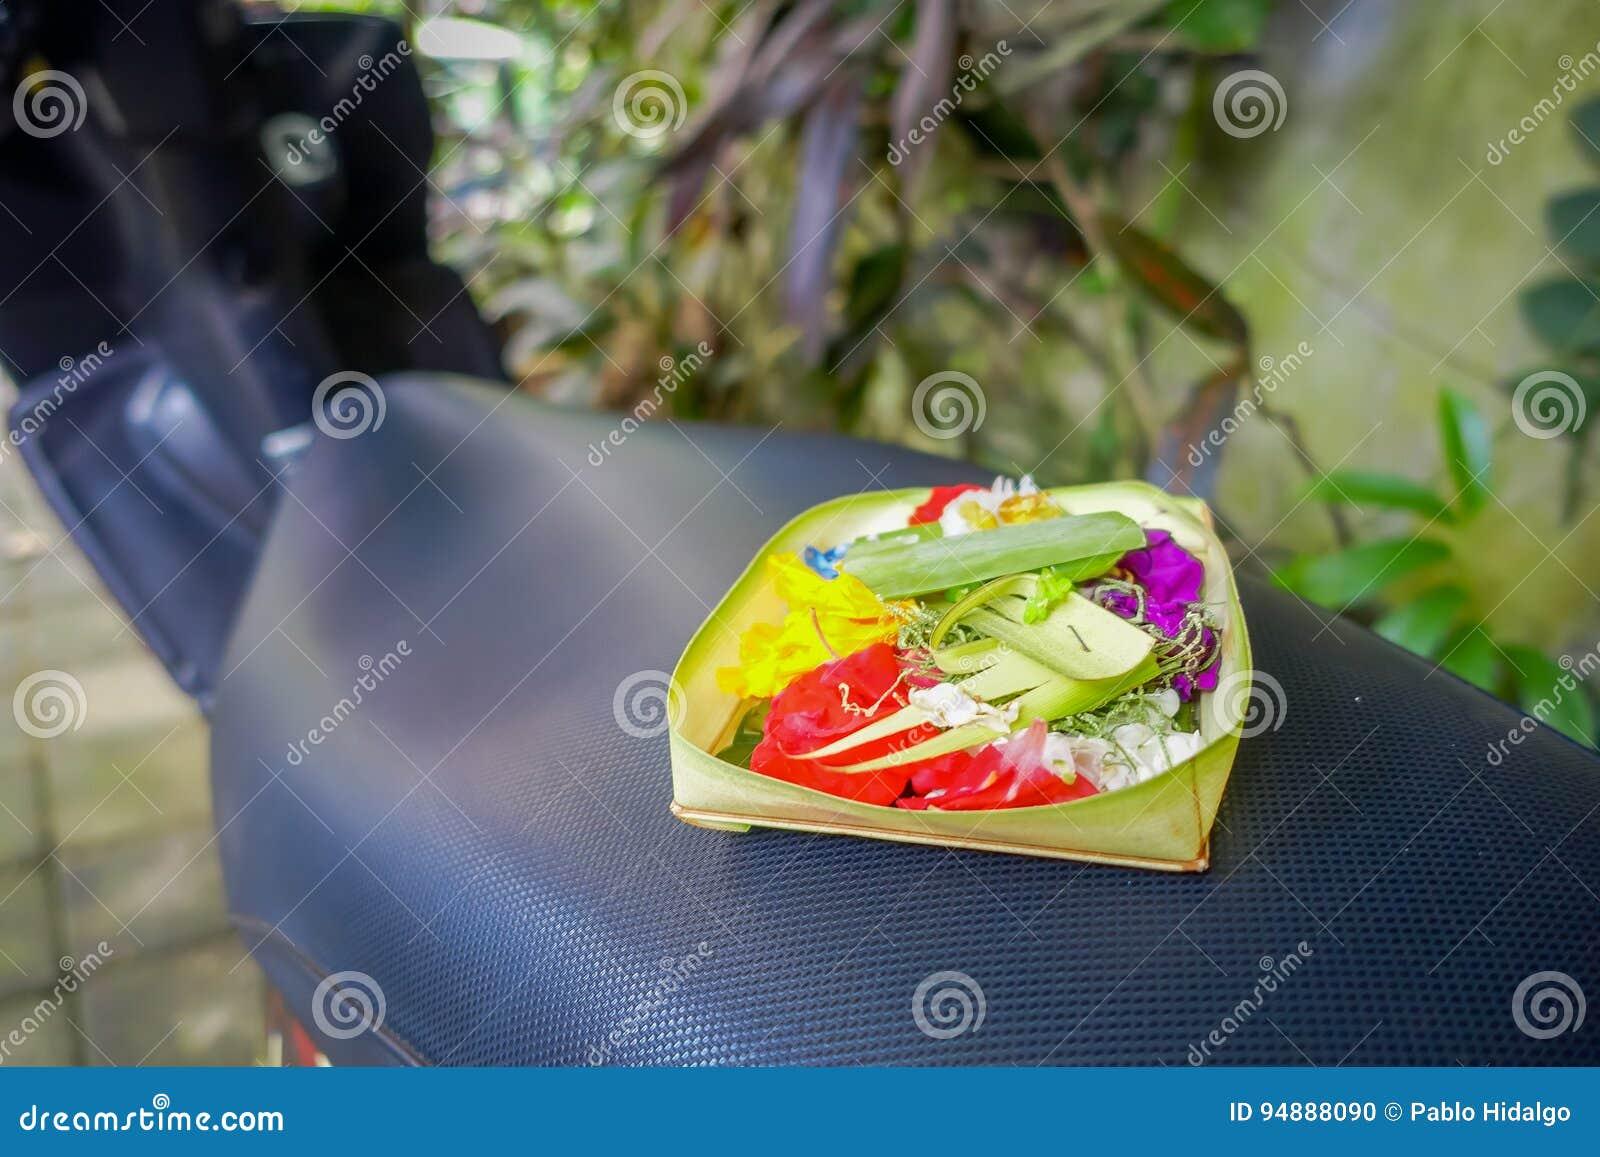 Ein Markt mit einem Kasten hergestellt von den Blättern, innerhalb einer Anordnung für Blumen auf einem motorcyle, in der Stadt v